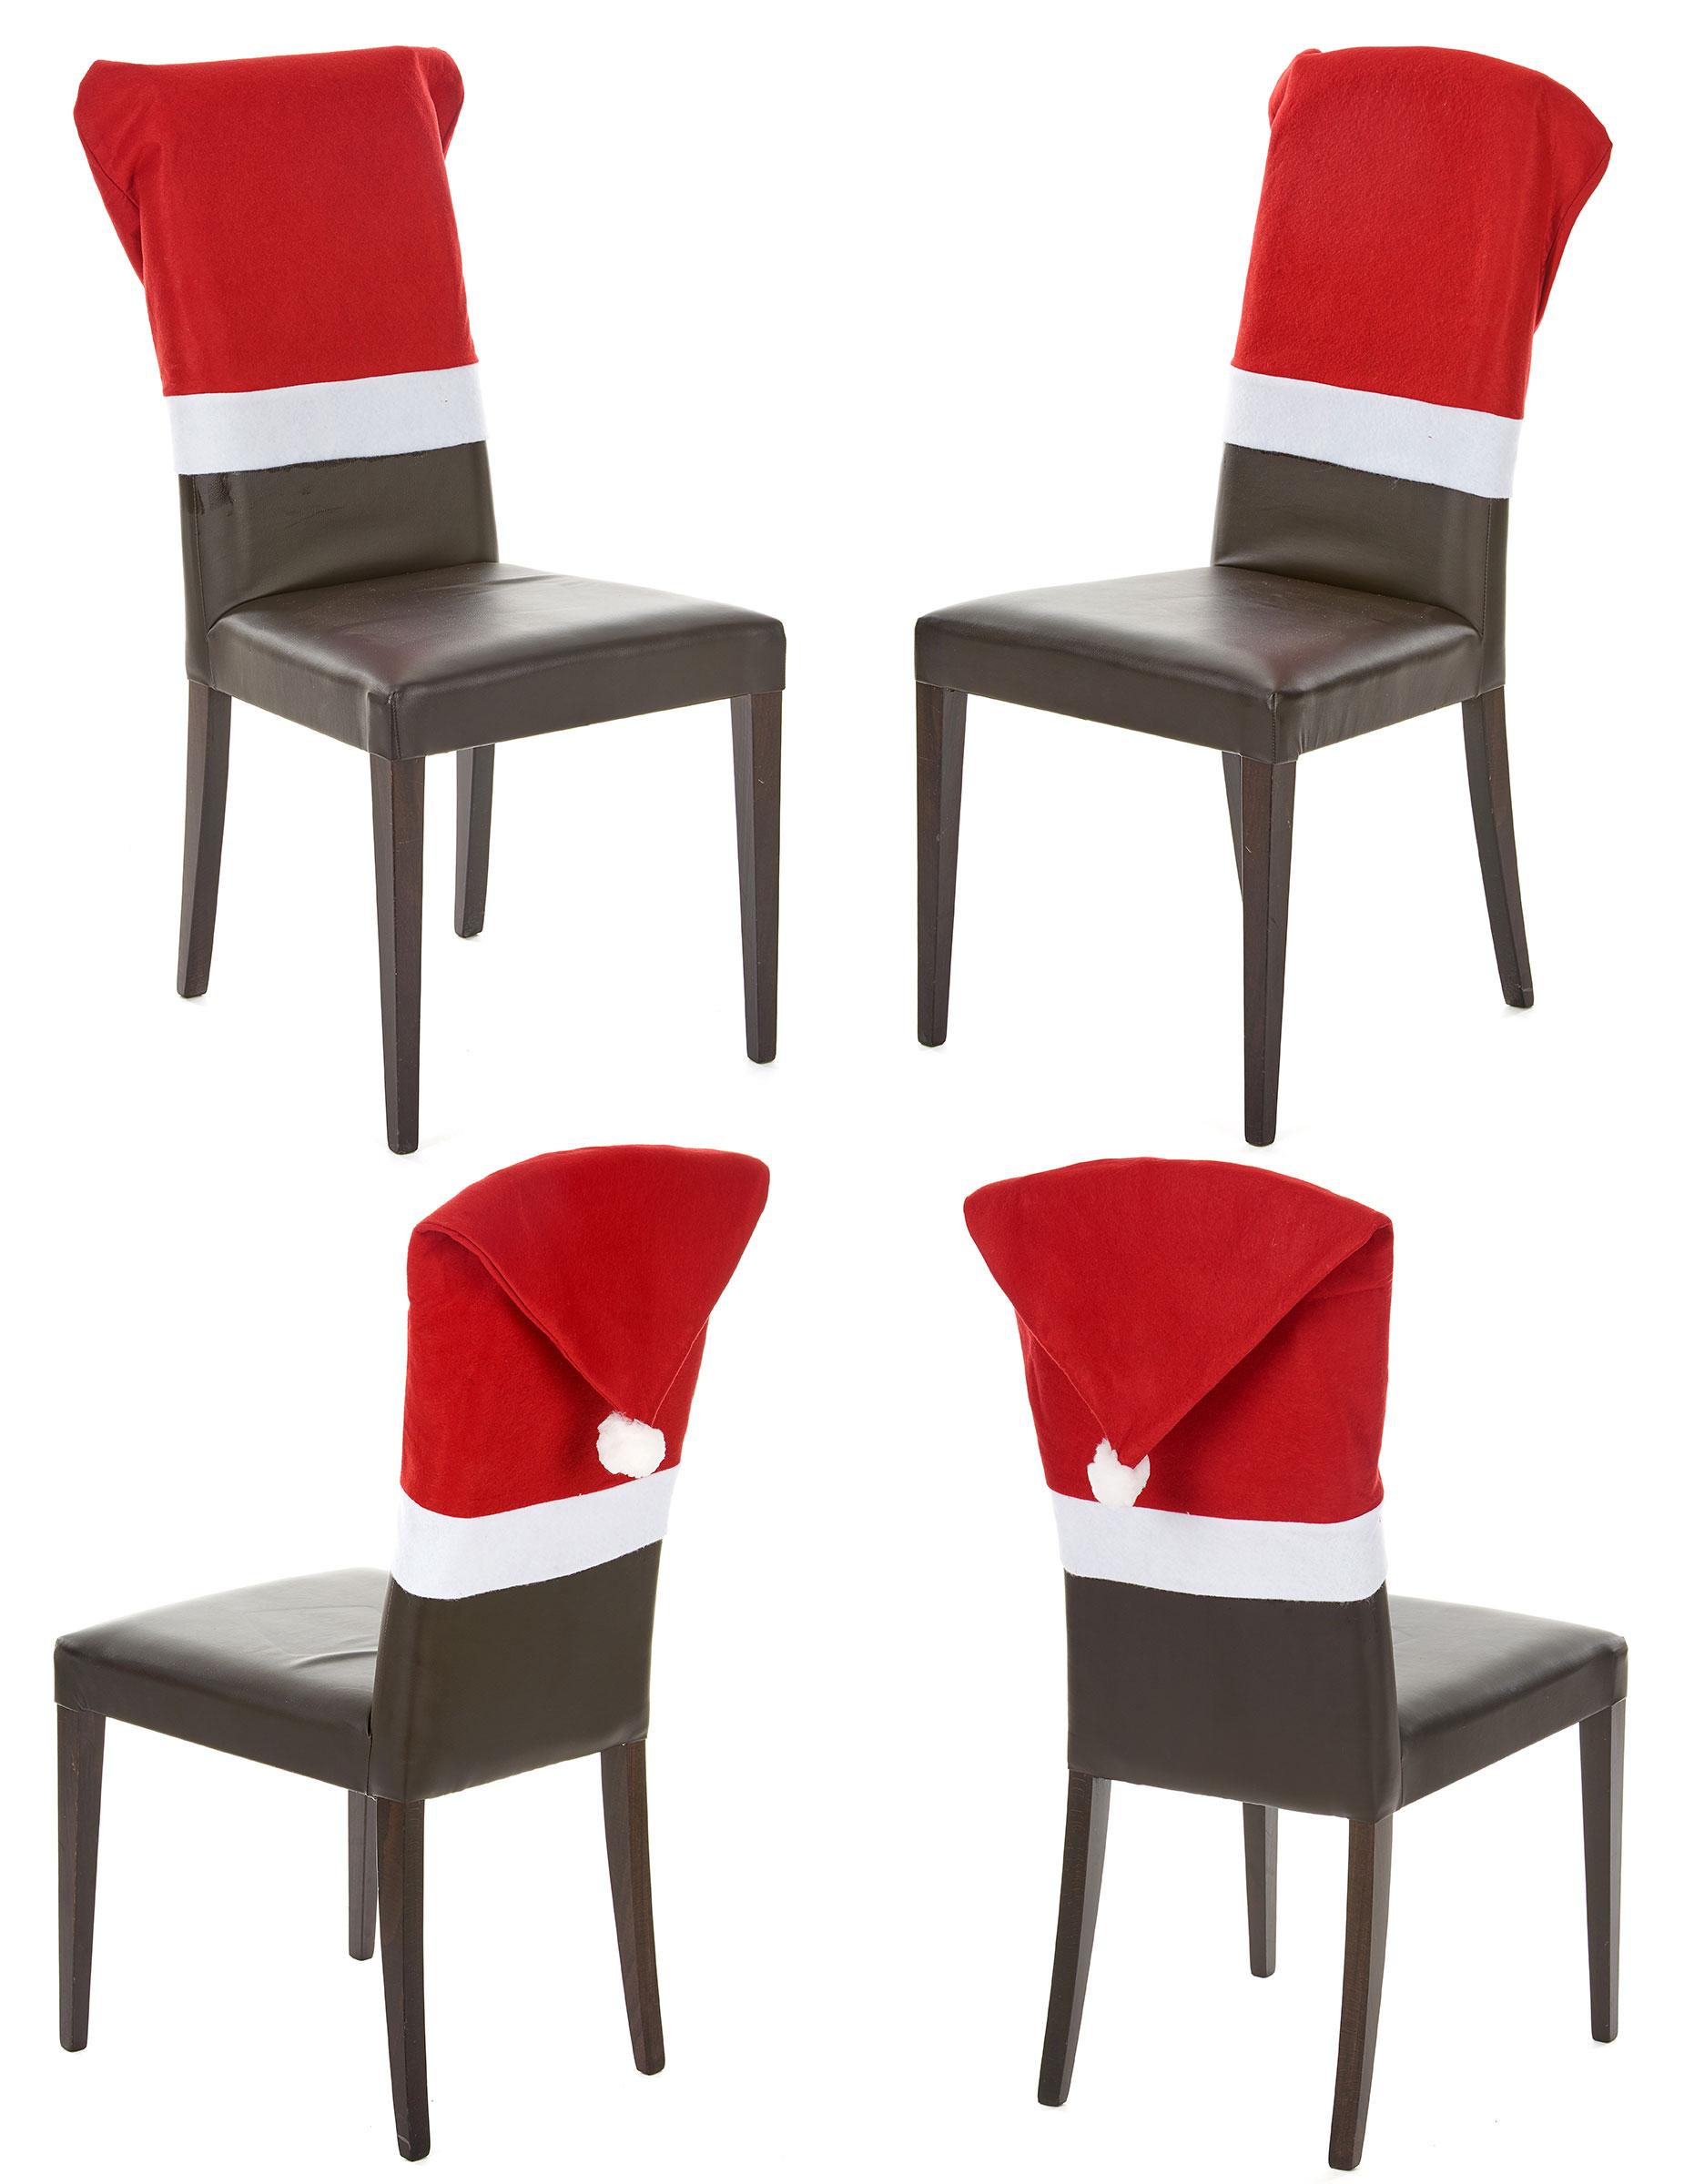 Lot 4 Housses De Chaise Rouge No L Achat De Decoration